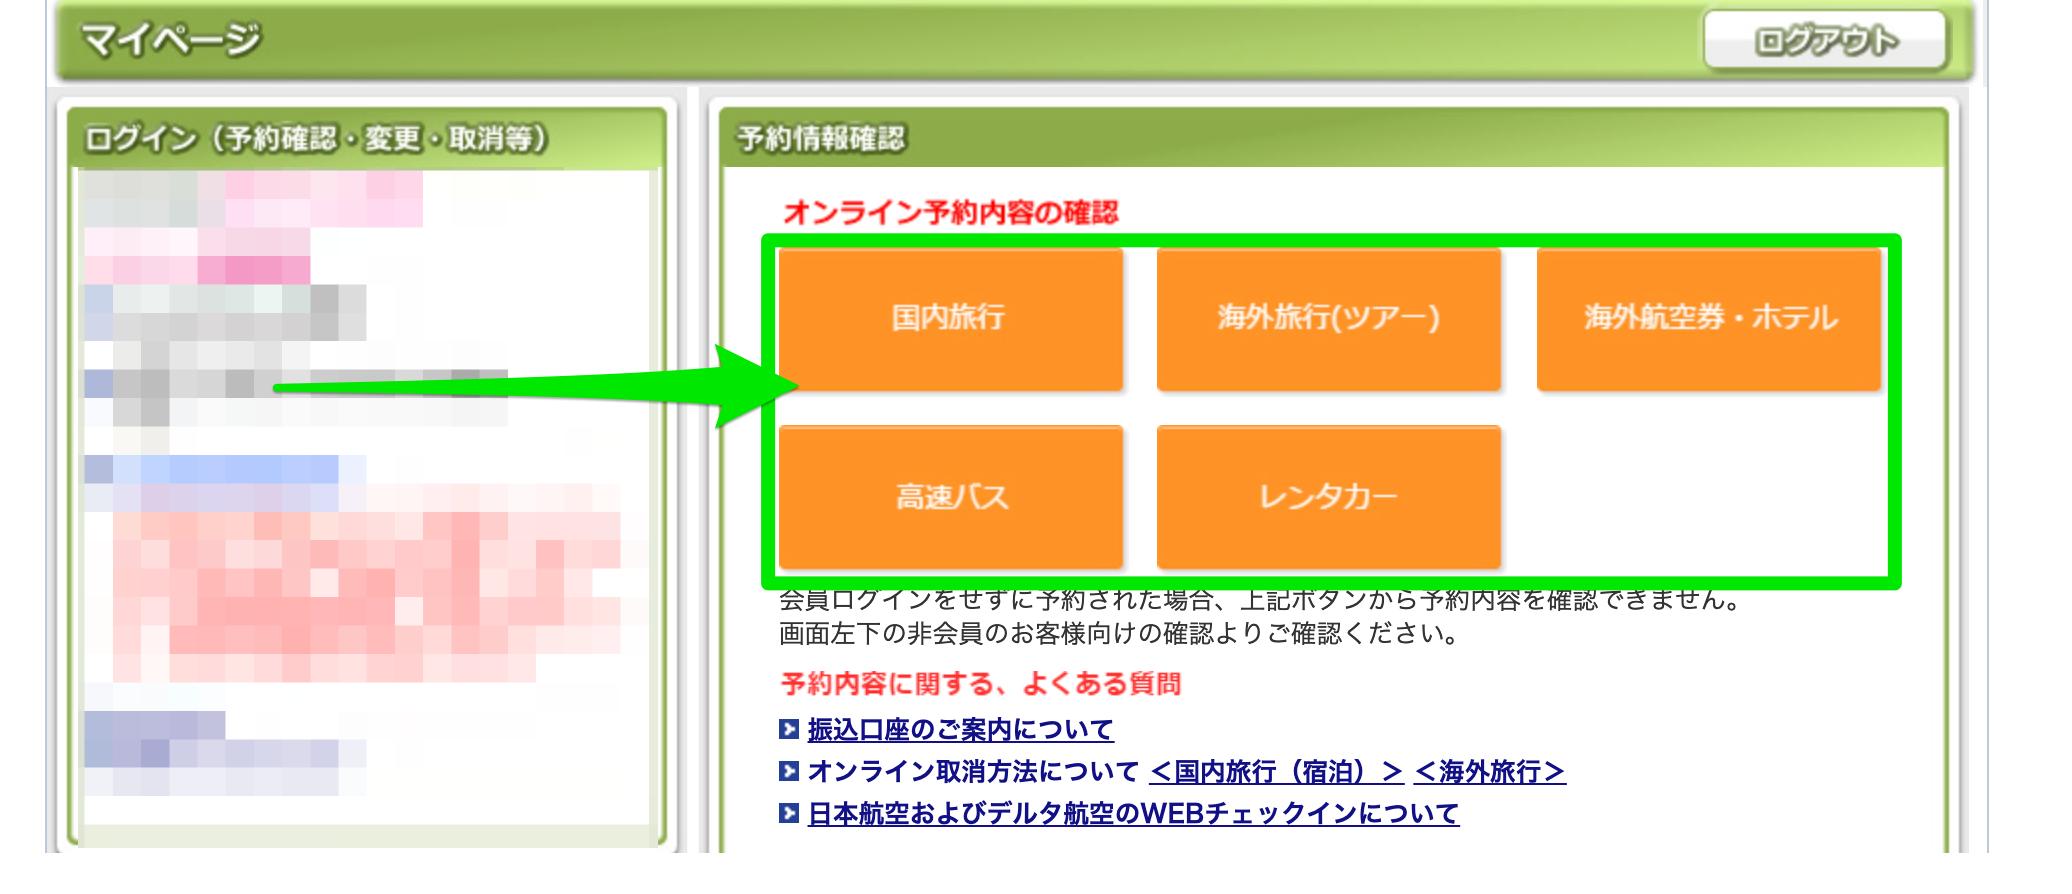 日本旅行の国内・海外ツアー・ホテル予約のオンラインでのキャンセル項目を選択